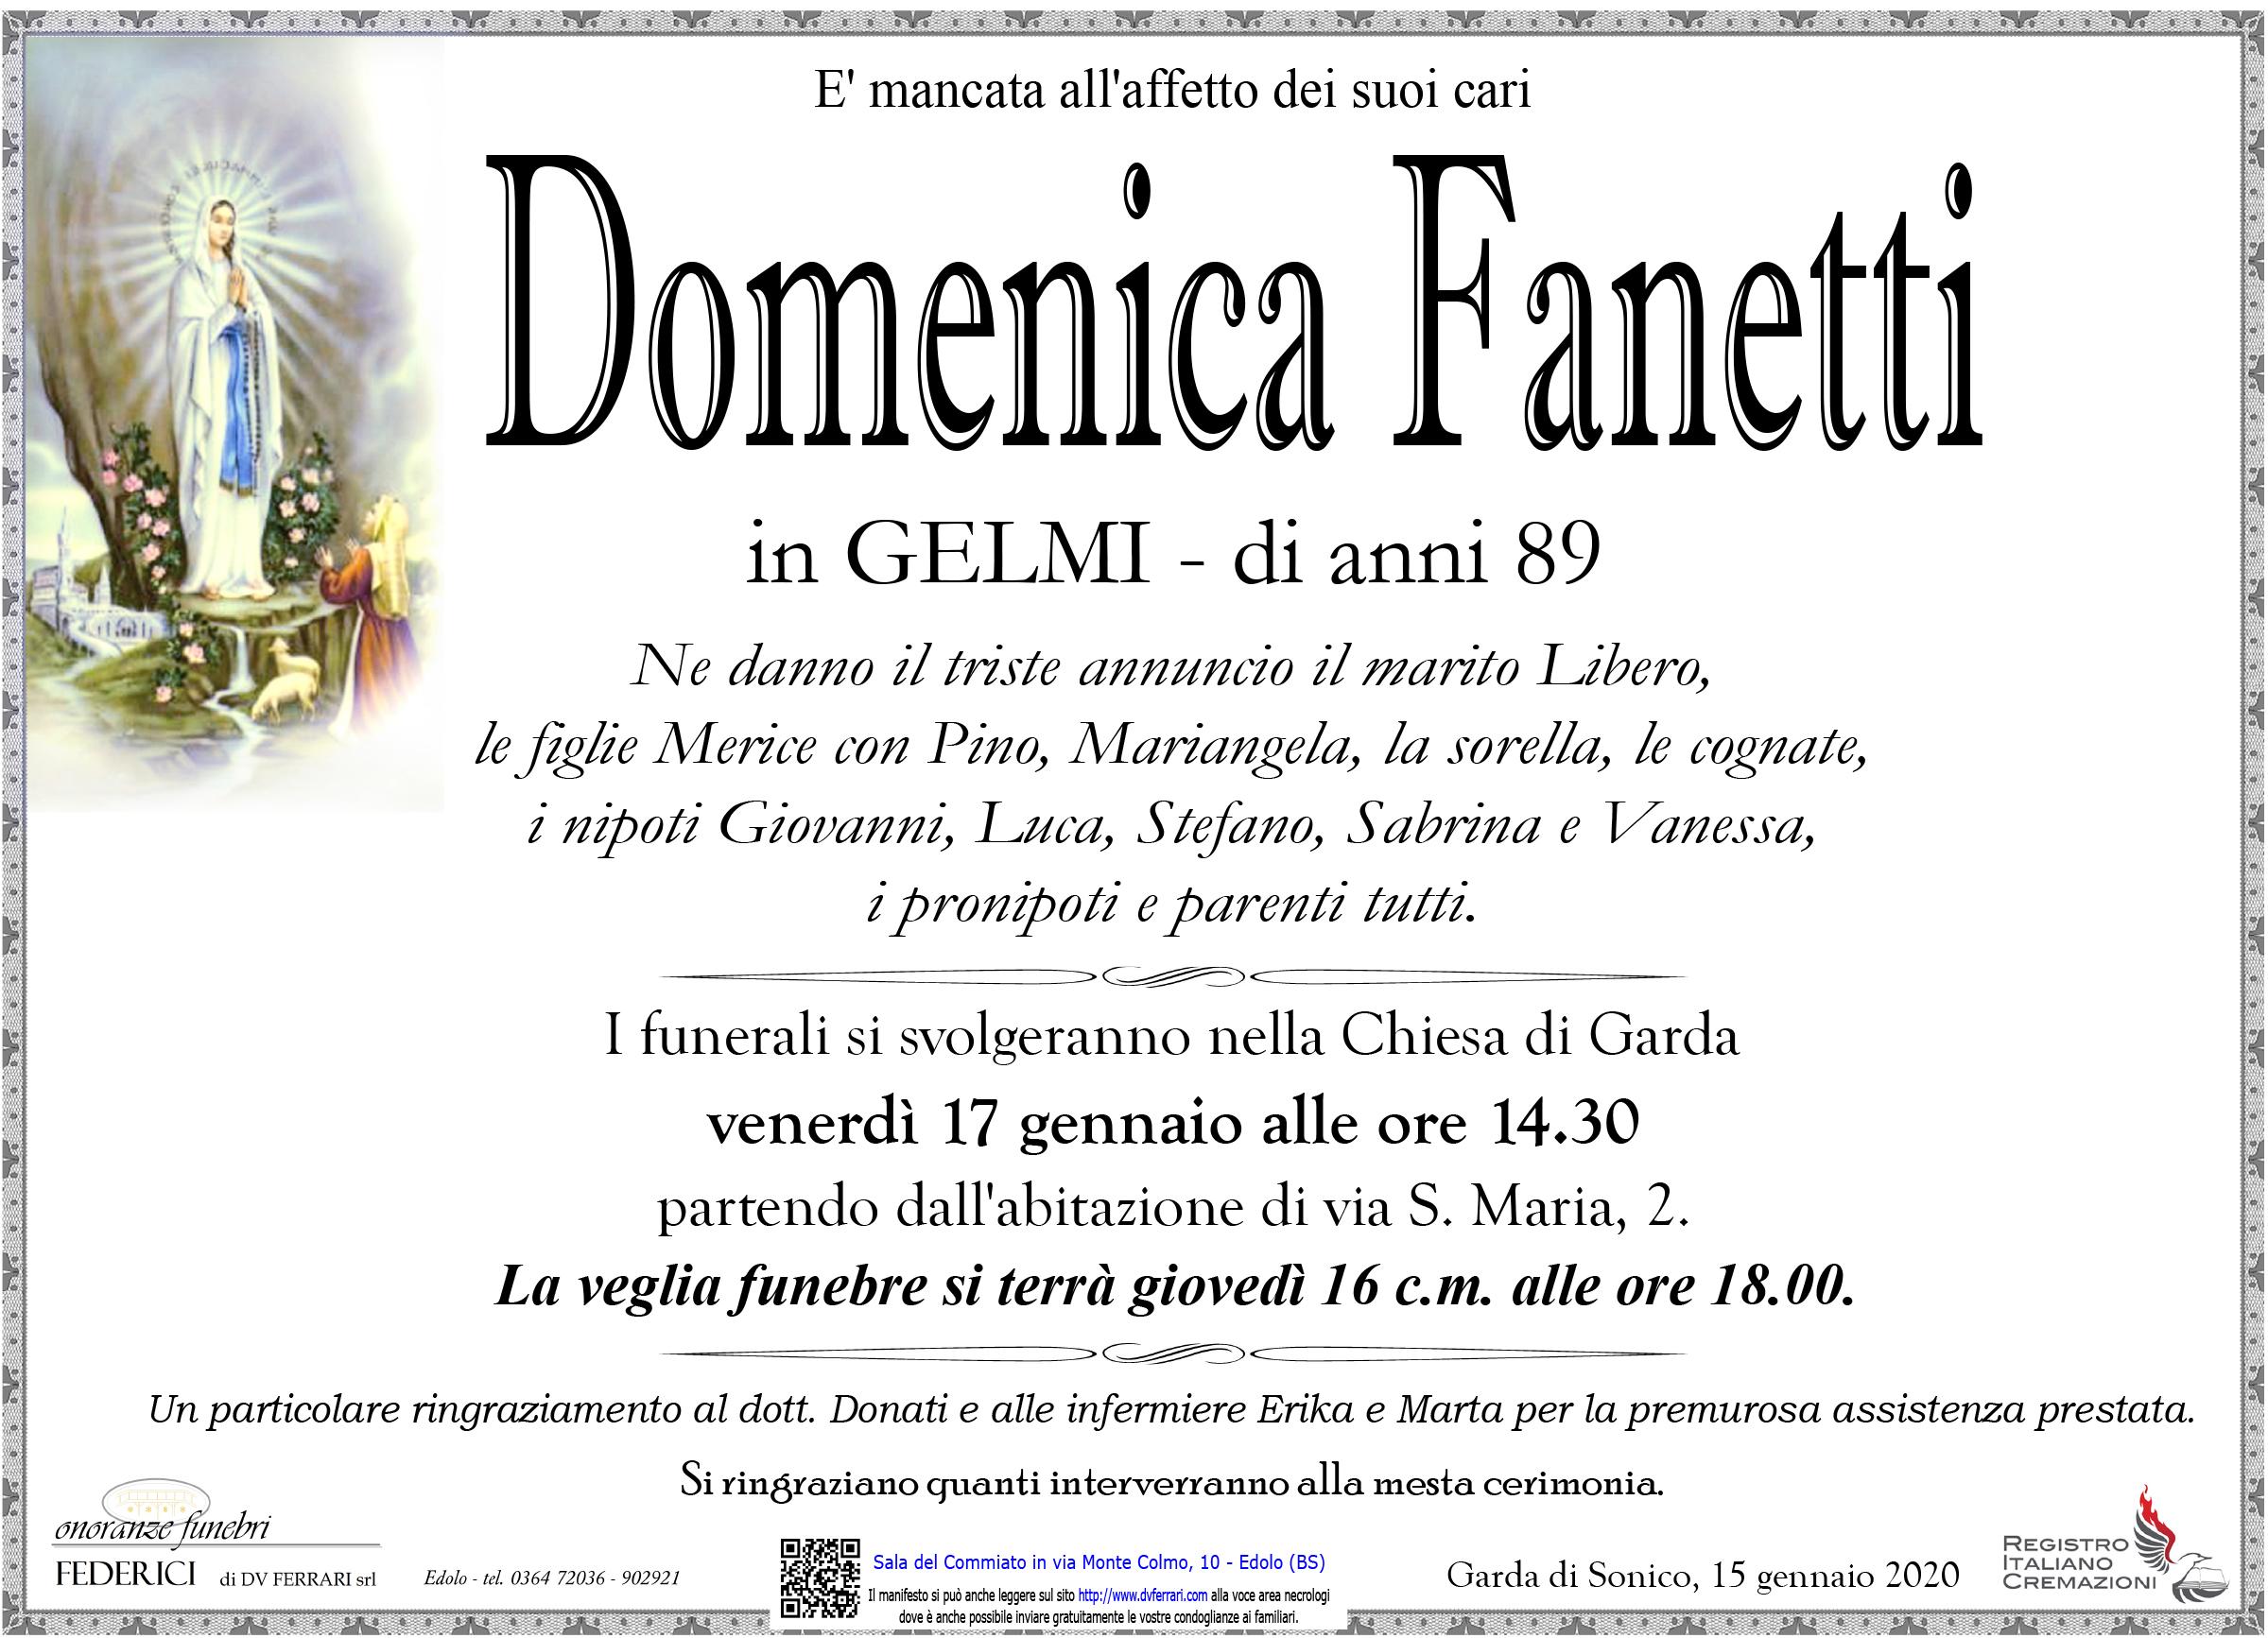 DOMENICA FANETTI in GELMI - GARDA DI SONICO